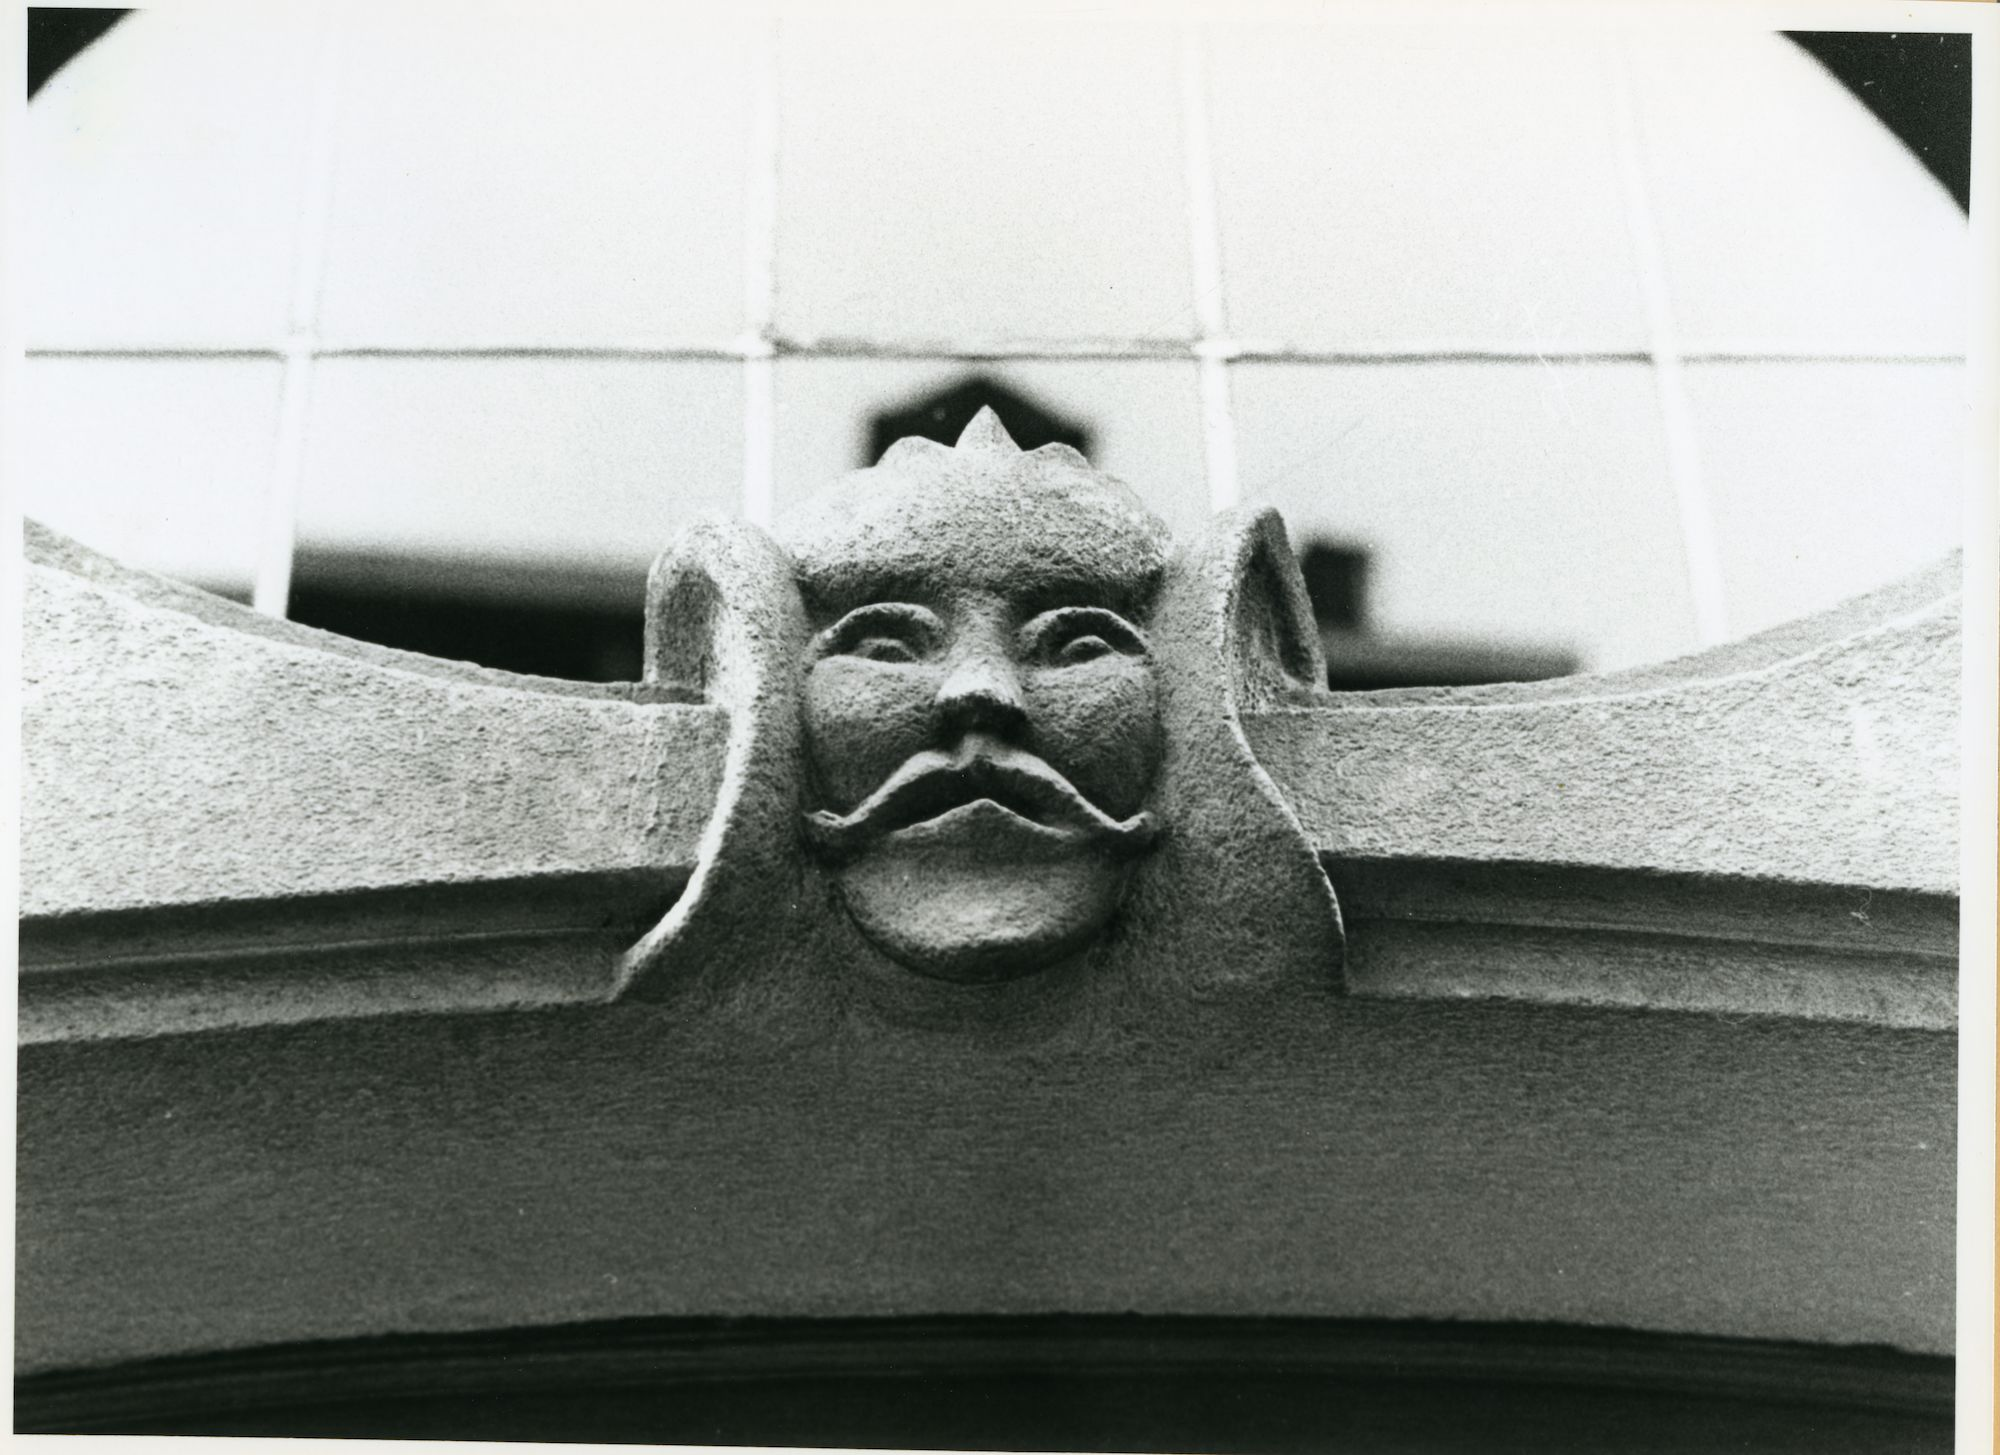 Gent: Steendam 82: Beeldhouwwerk